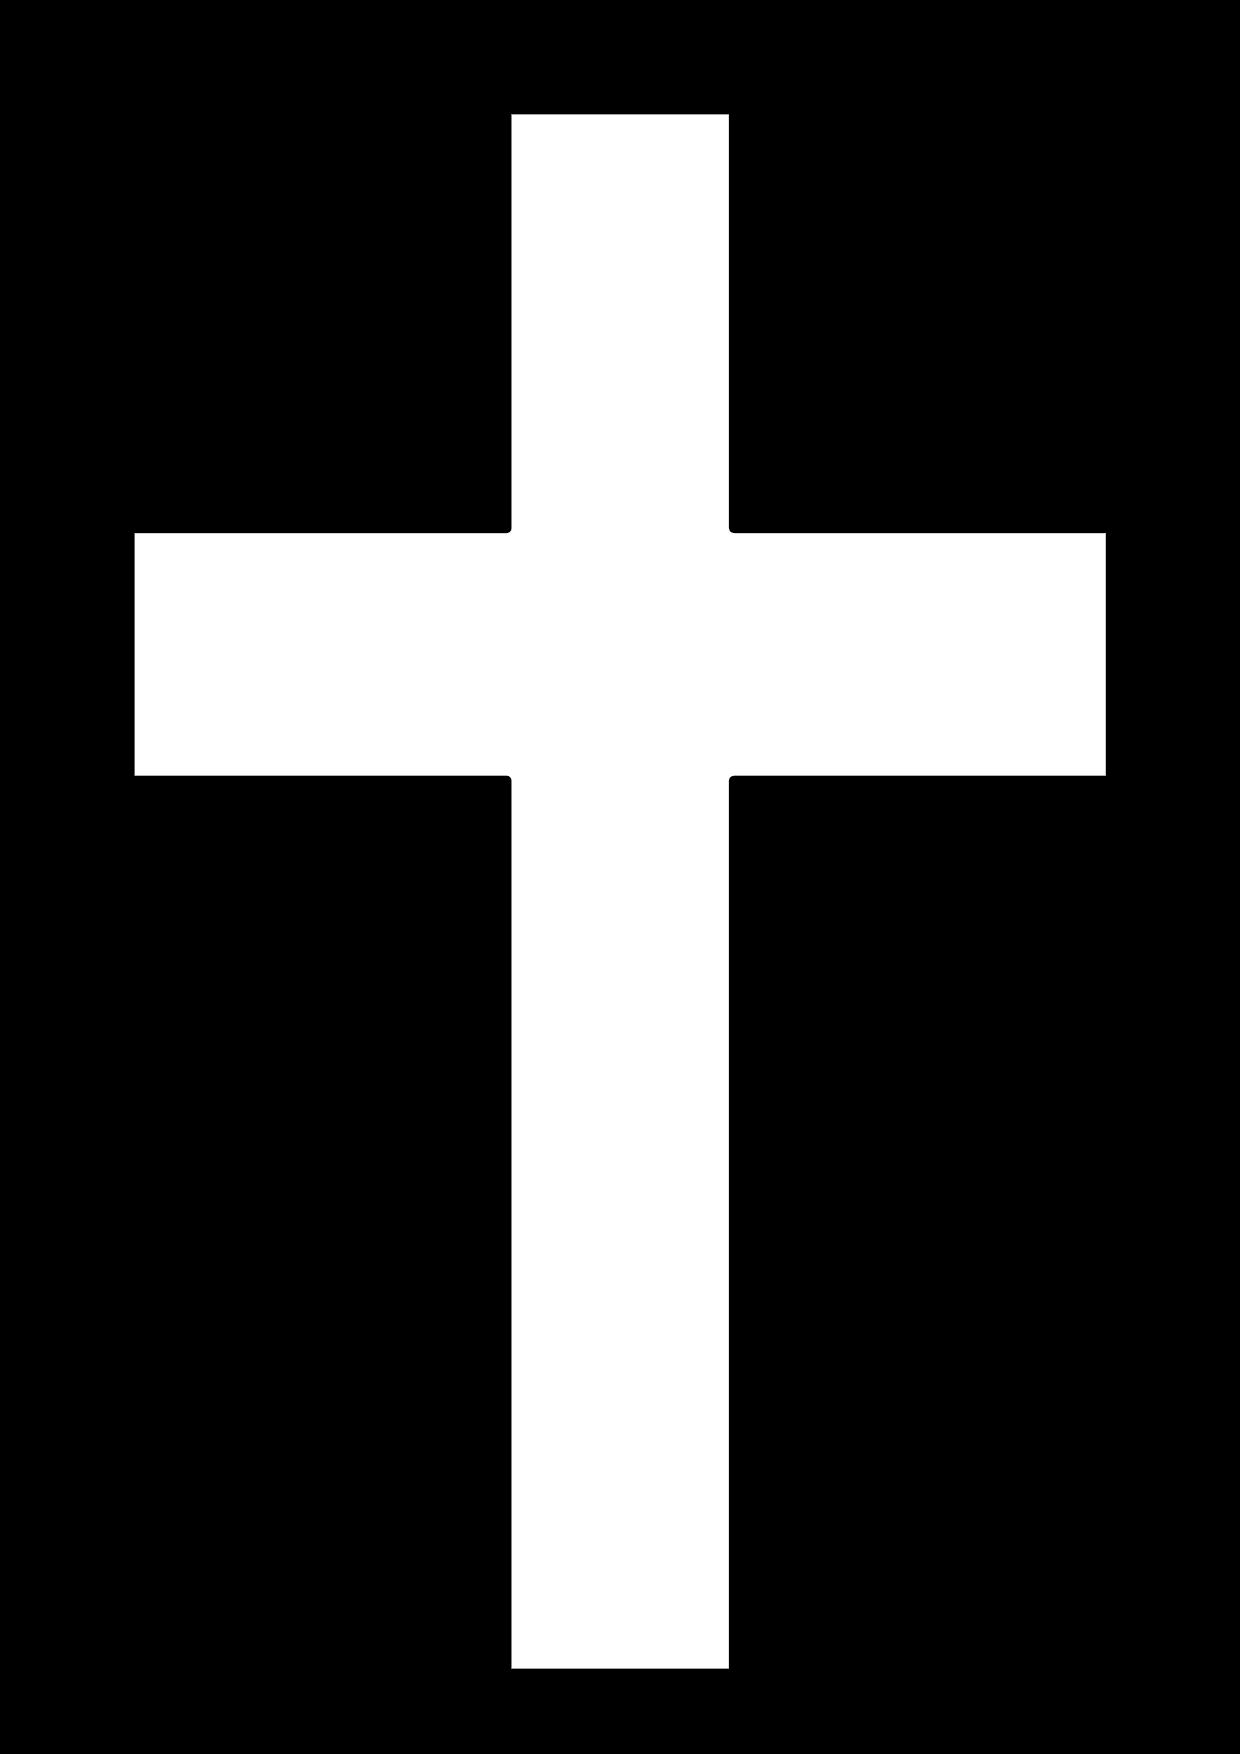 Cruz cristiana para colorear también conocida como cruz latina